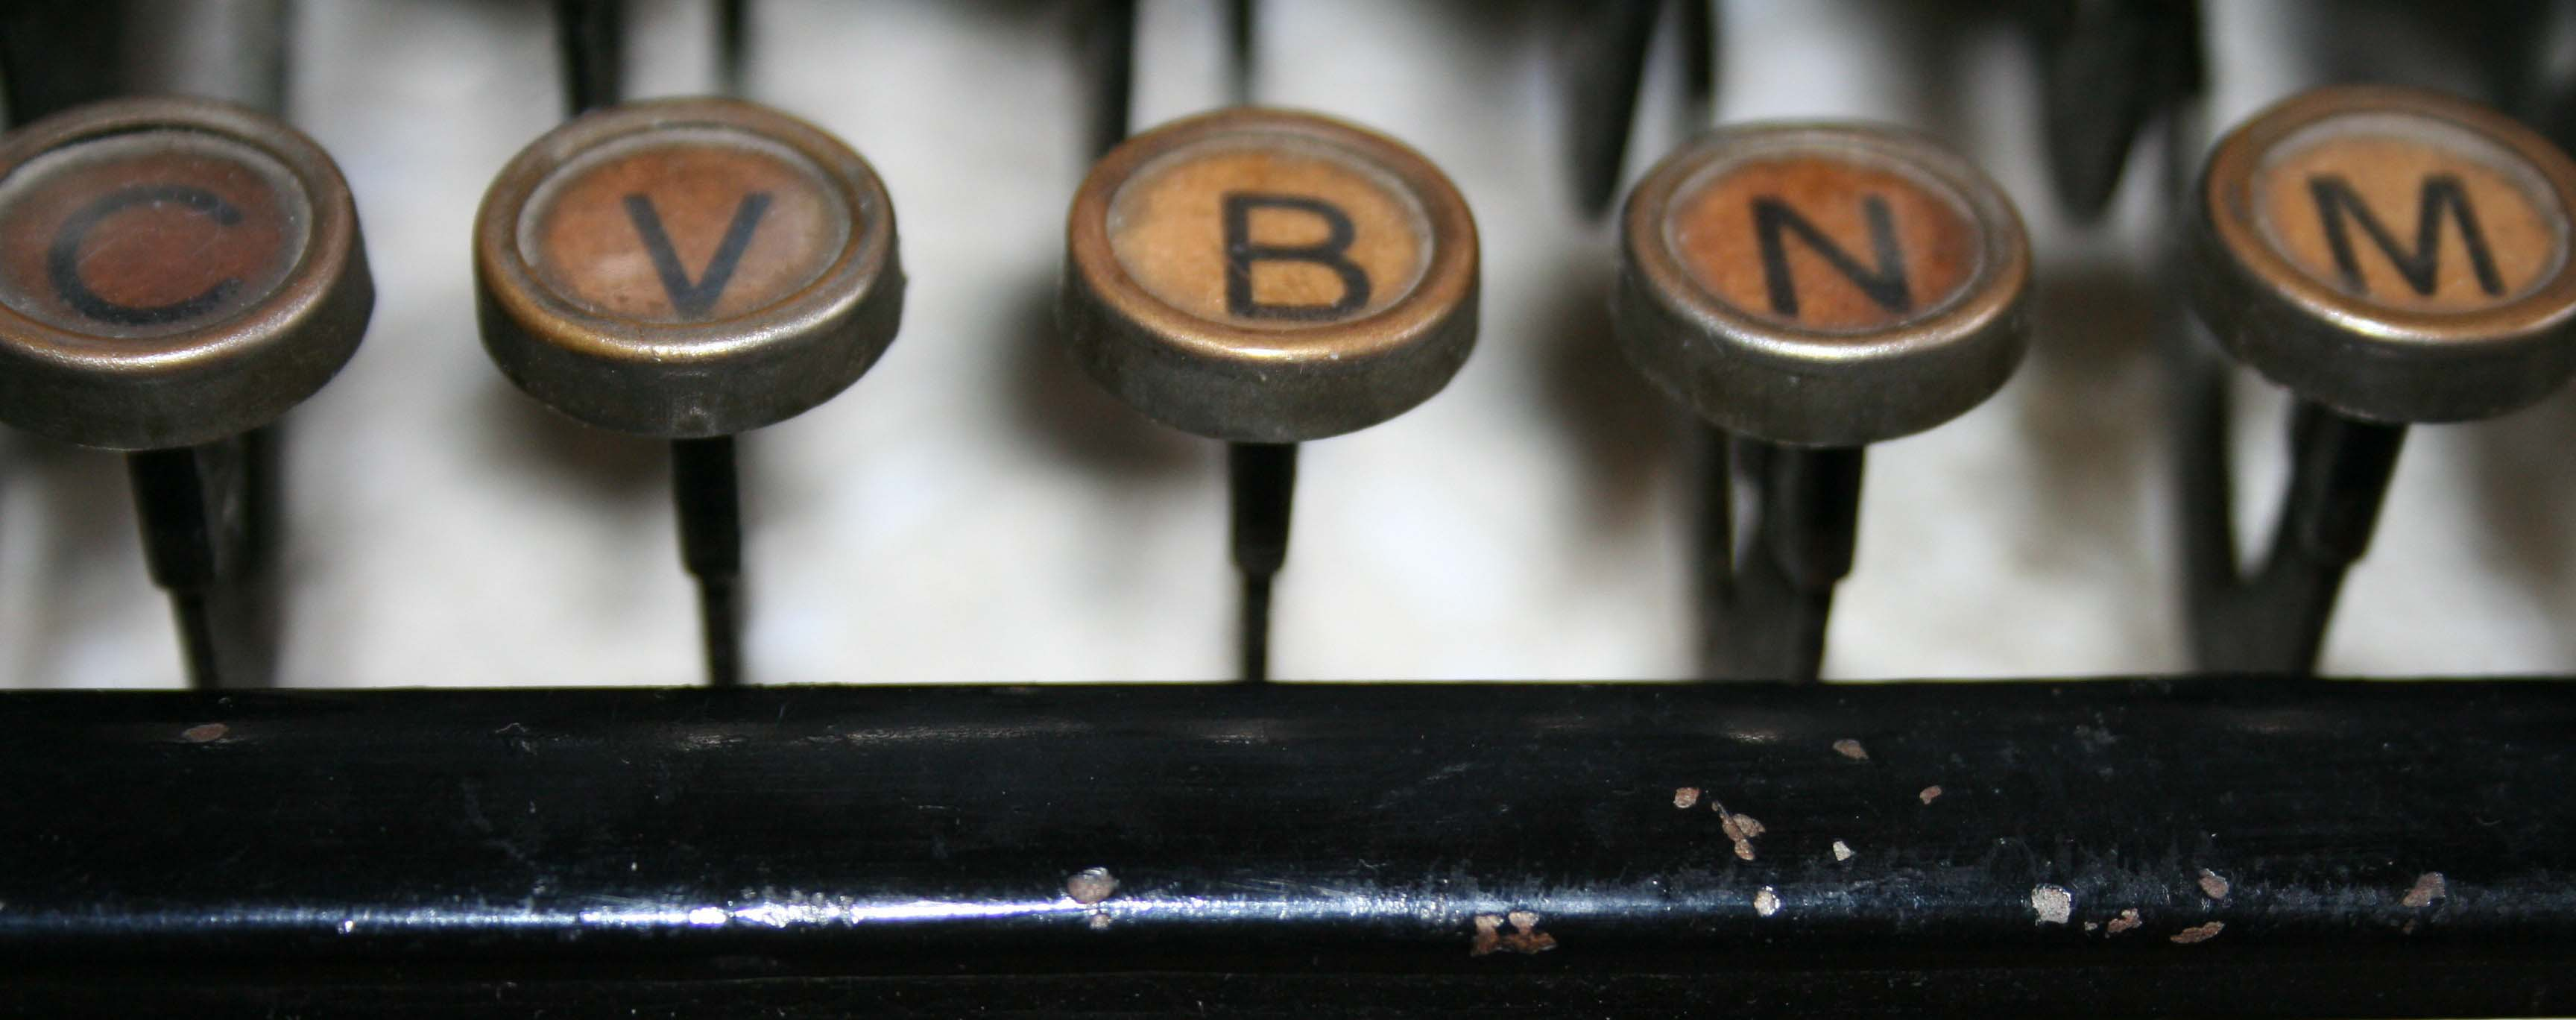 typewriter-79025